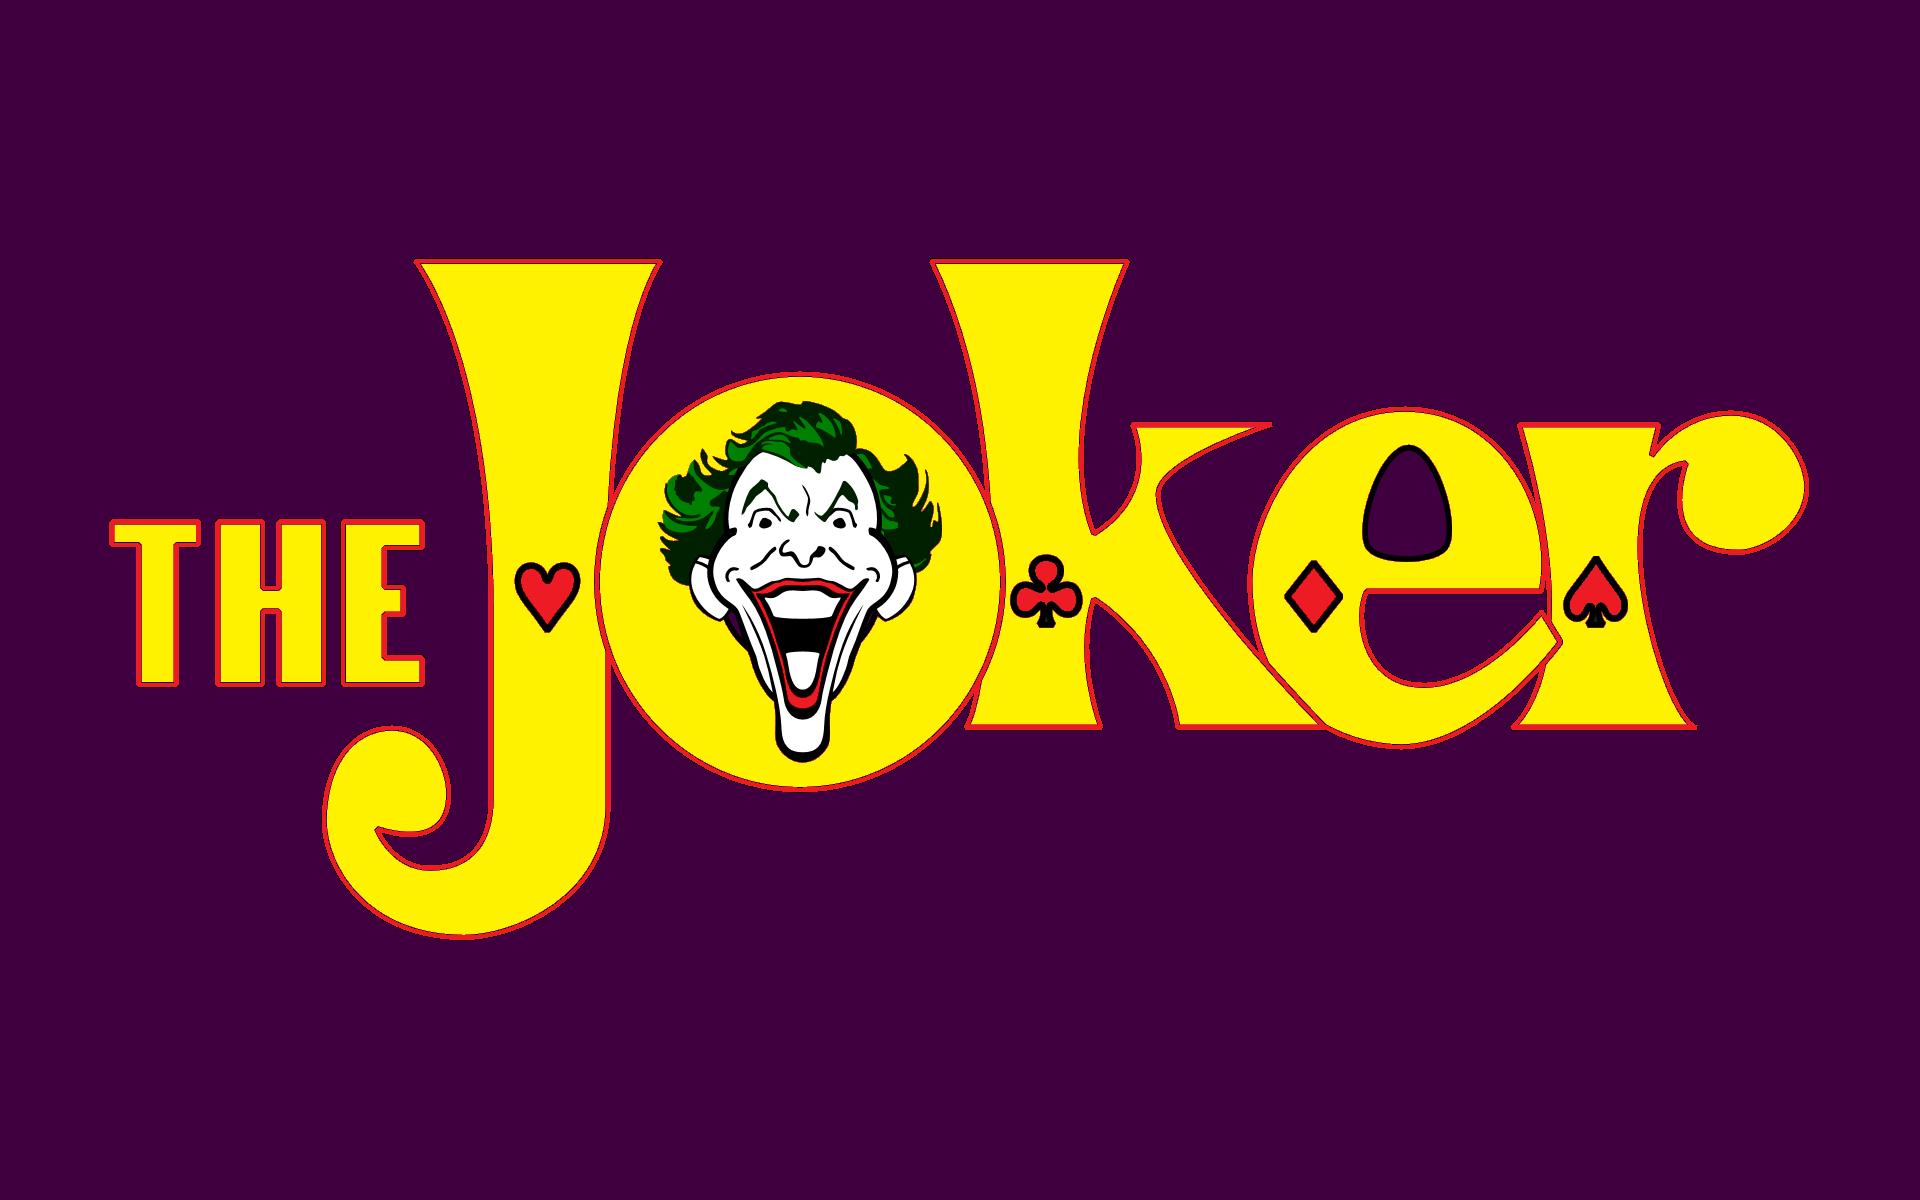 Joker Logo After Morganrlewis Morganrlewis Deviantart Com Art Joker Text Logo Wp 301977053 Q Gallery 3amorganrlewis 2f9555 Joker Logo Joker Cartoon Joker Comic